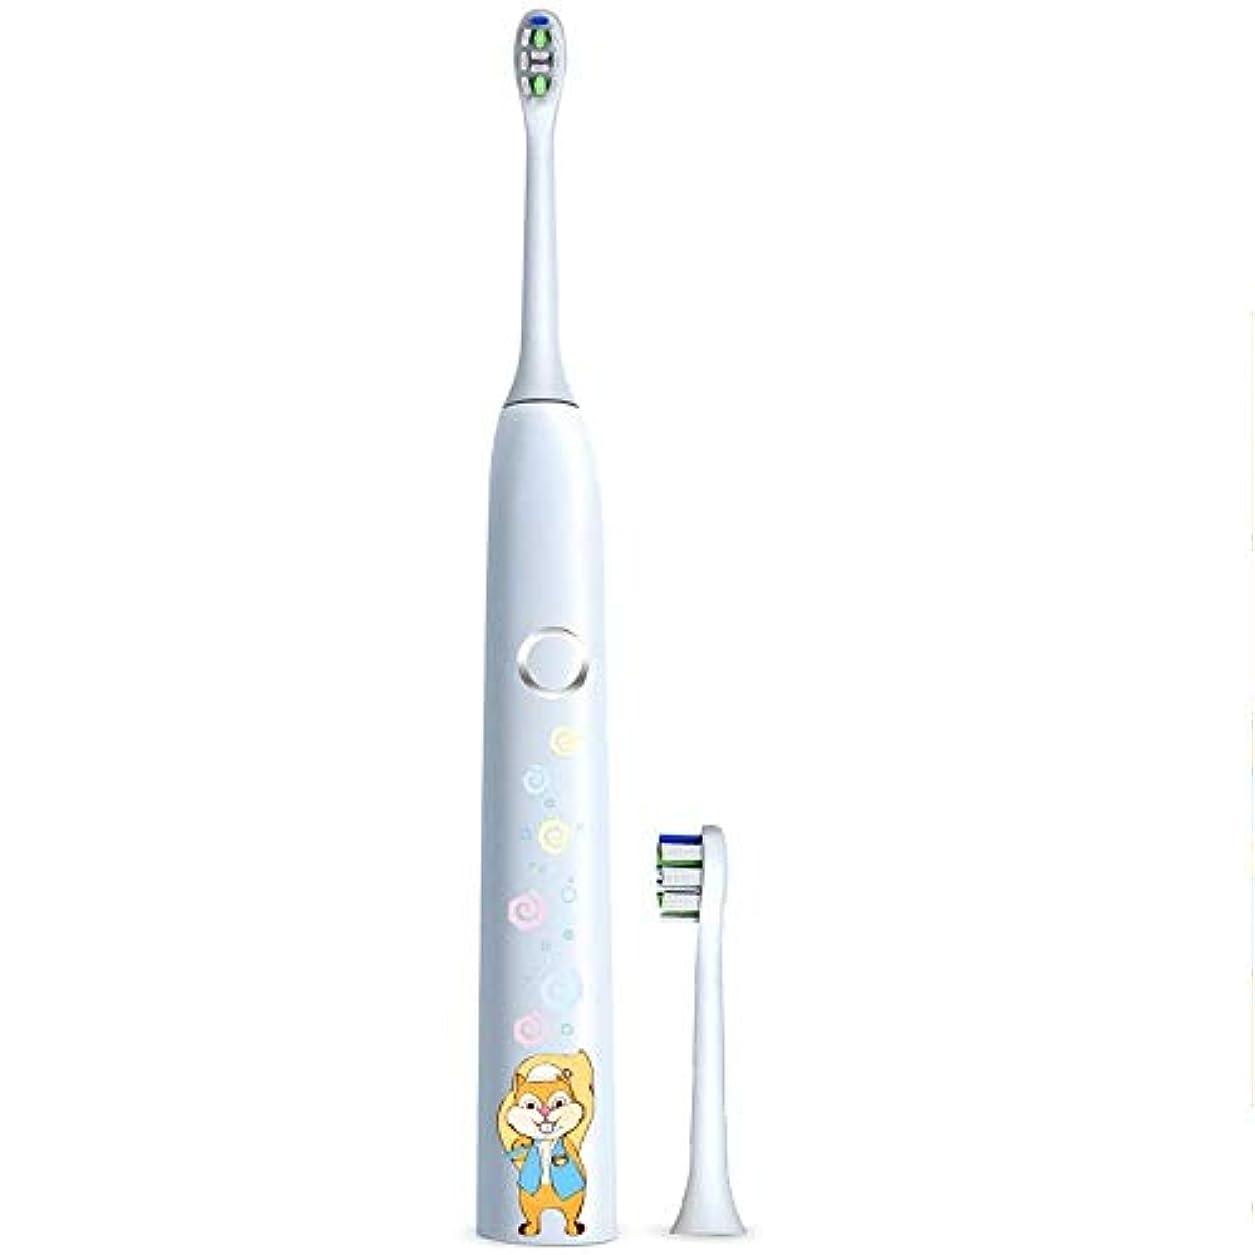 ブリッジ雑多な暴徒電動歯ブラシ 子供の電動歯ブラシ保護クリーンUSB充電式ソフトヘア歯ブラシ歯医者推奨 ケアー プロテクトクリーン (色 : 白, サイズ : Free size)